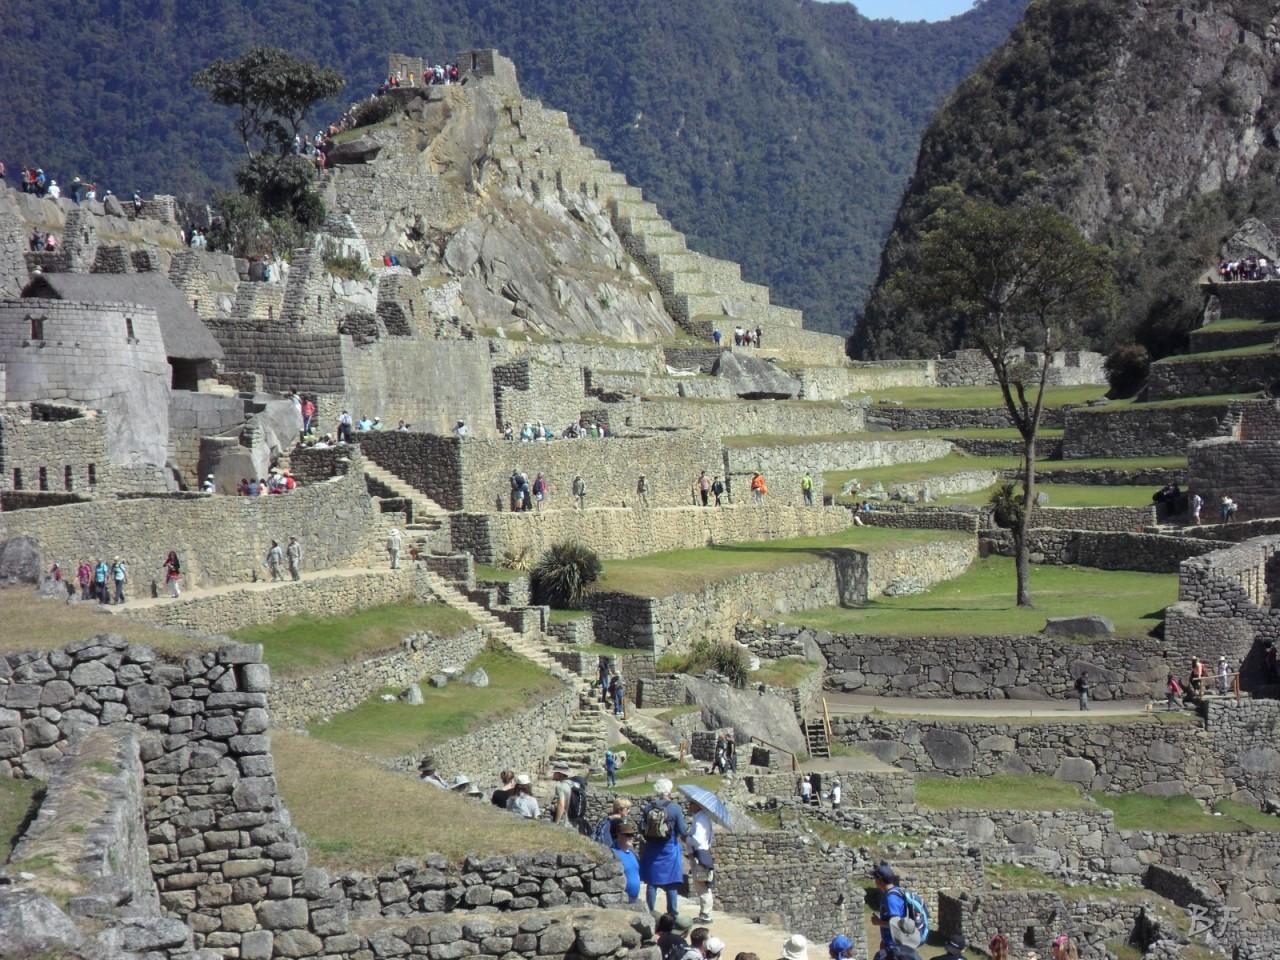 Mura-Poligonali-Incisioni-Altari-Edifici-Rupestri-Megaliti-Machu-Picchu-Aguas-Calientes-Urubamba-Cusco-Perù-8